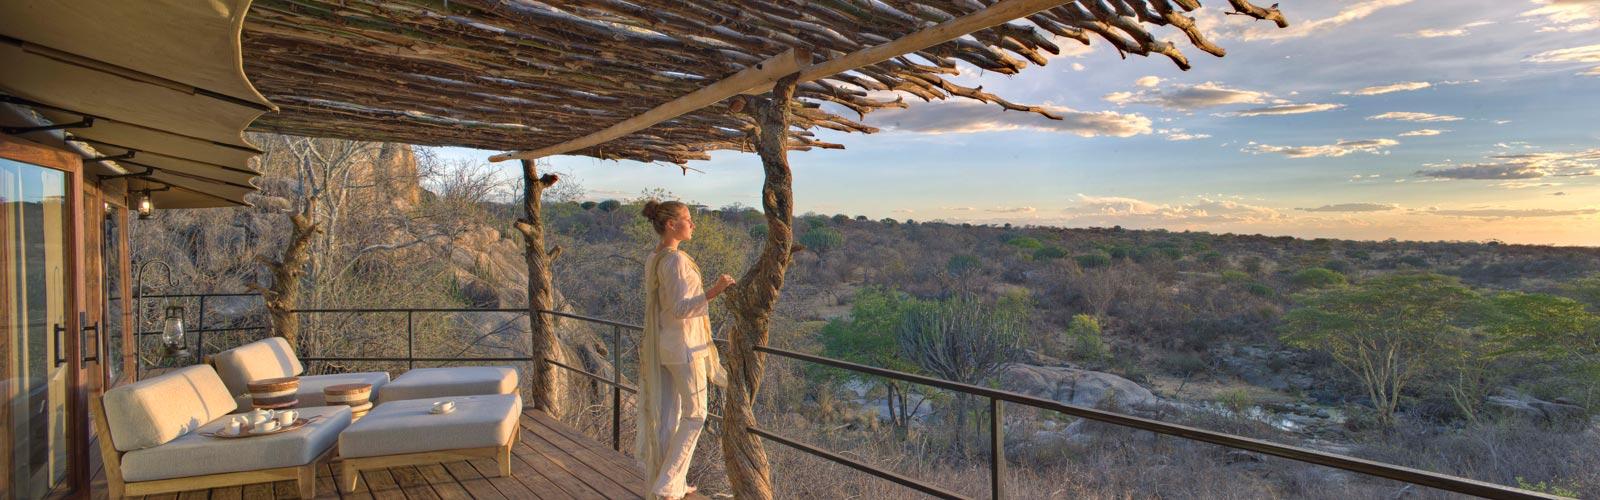 Safari tanzani luxe